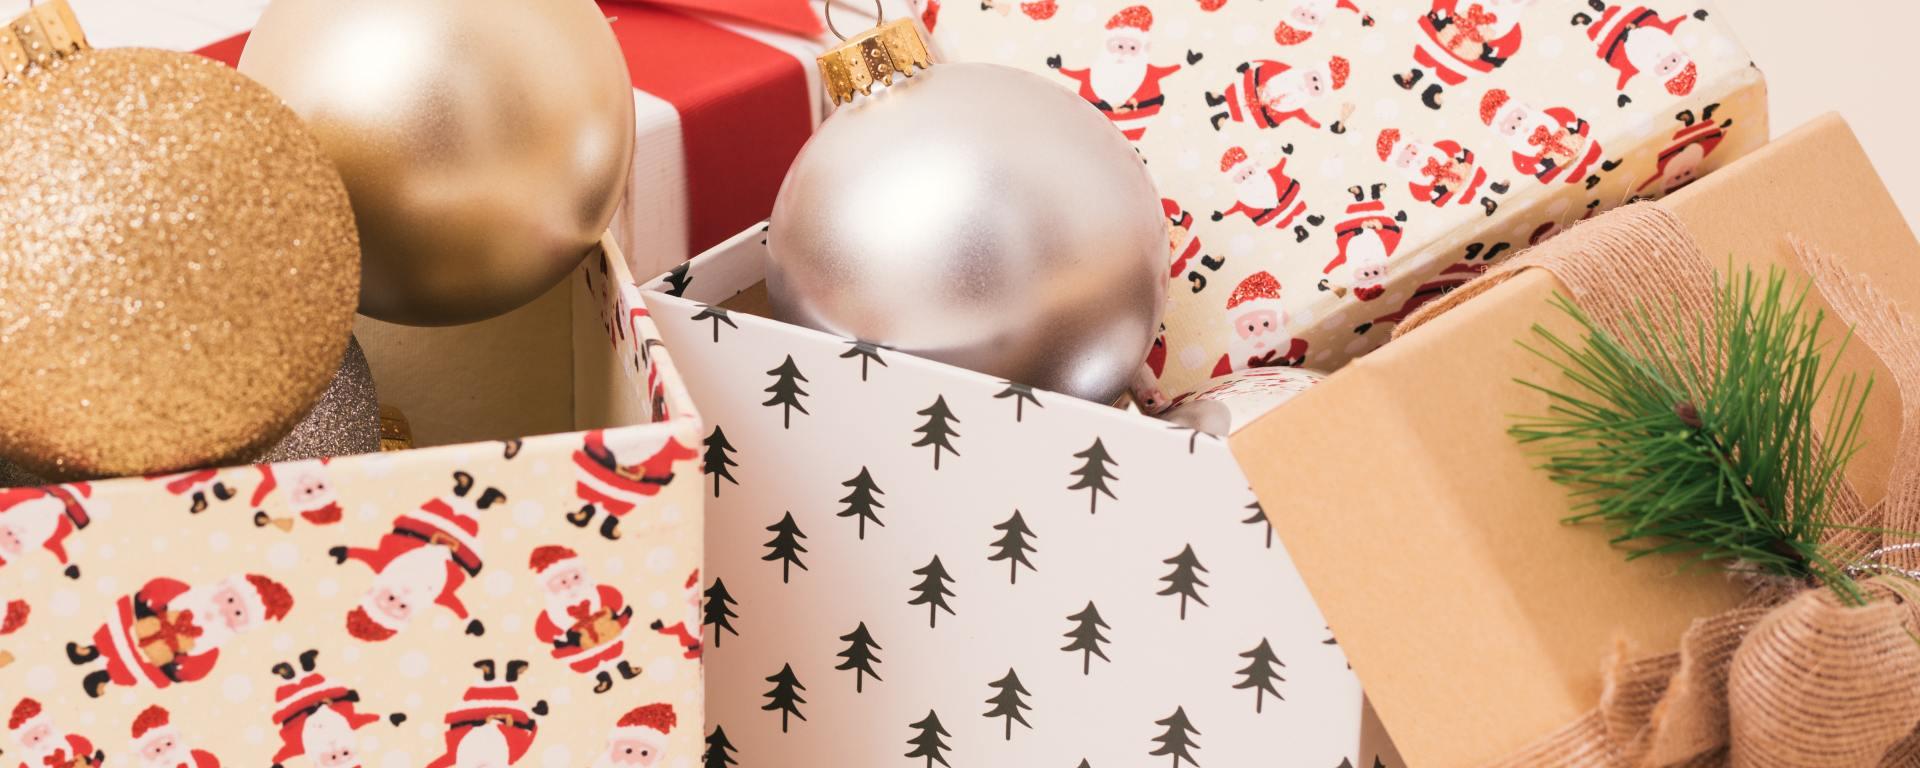 stoner girl holiday gift guide 2020